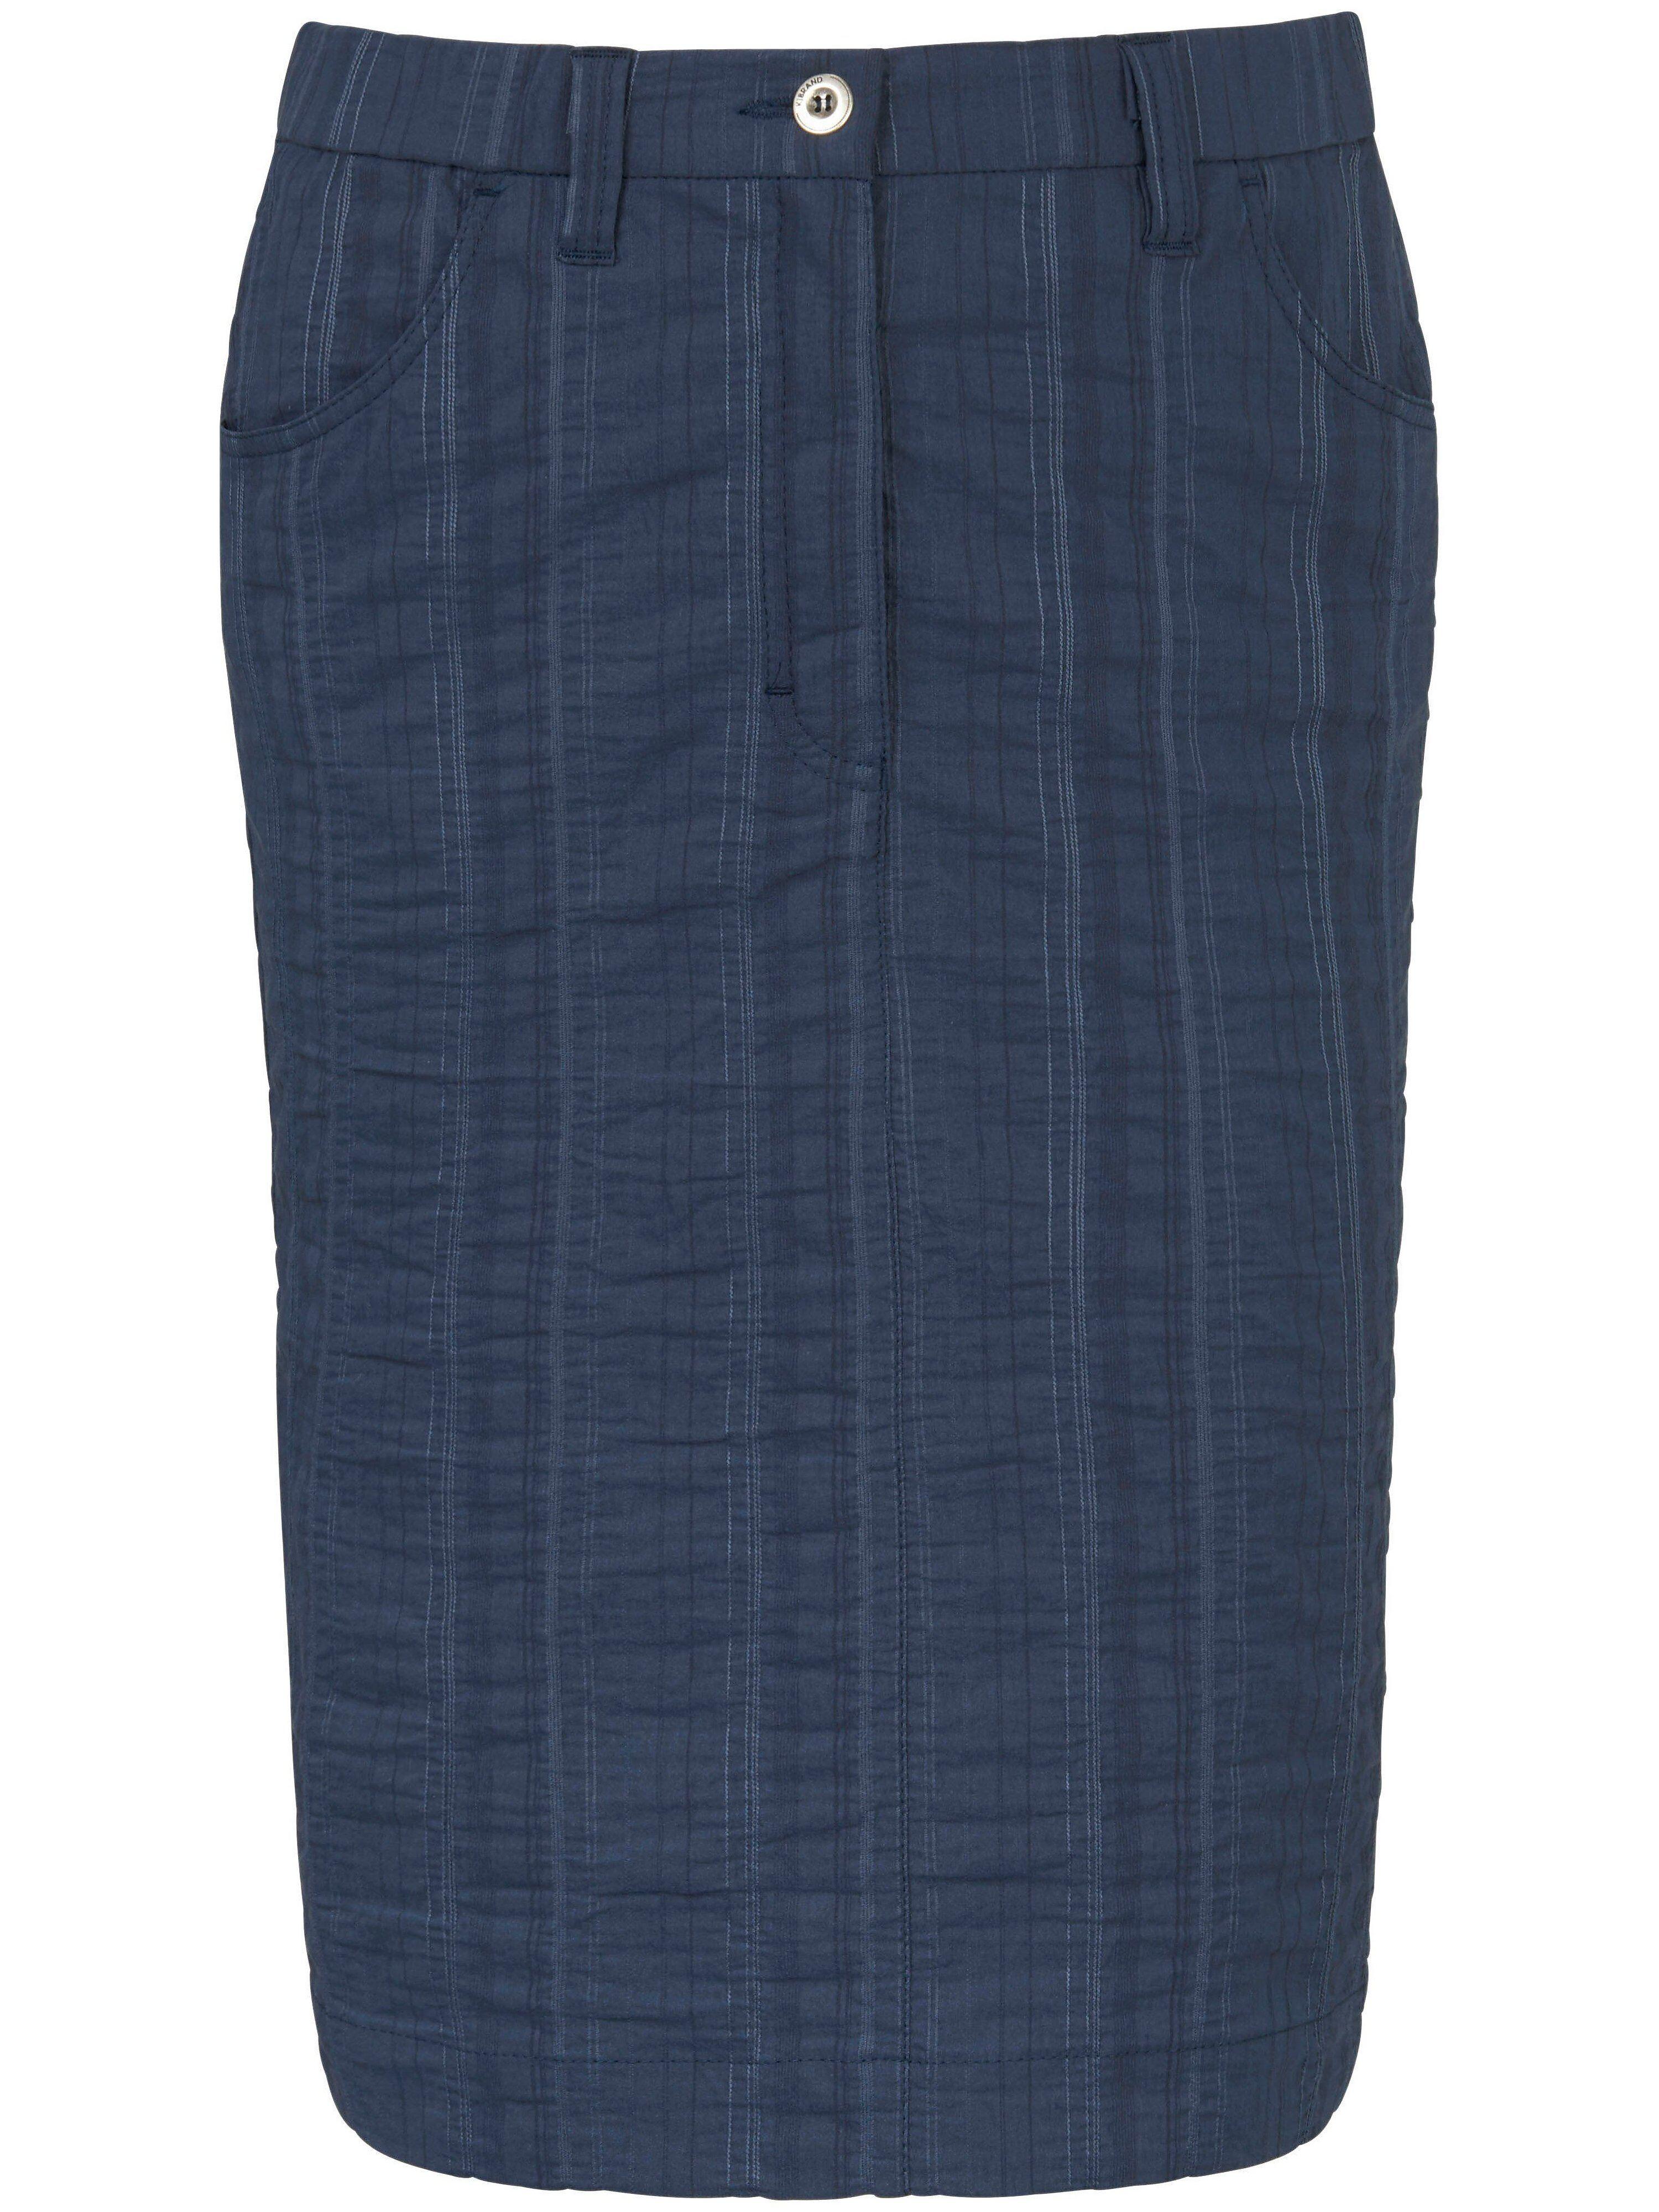 KjBrand La jupe Wash & Go, ligne droite  KjBrand bleu  - Femme - 42